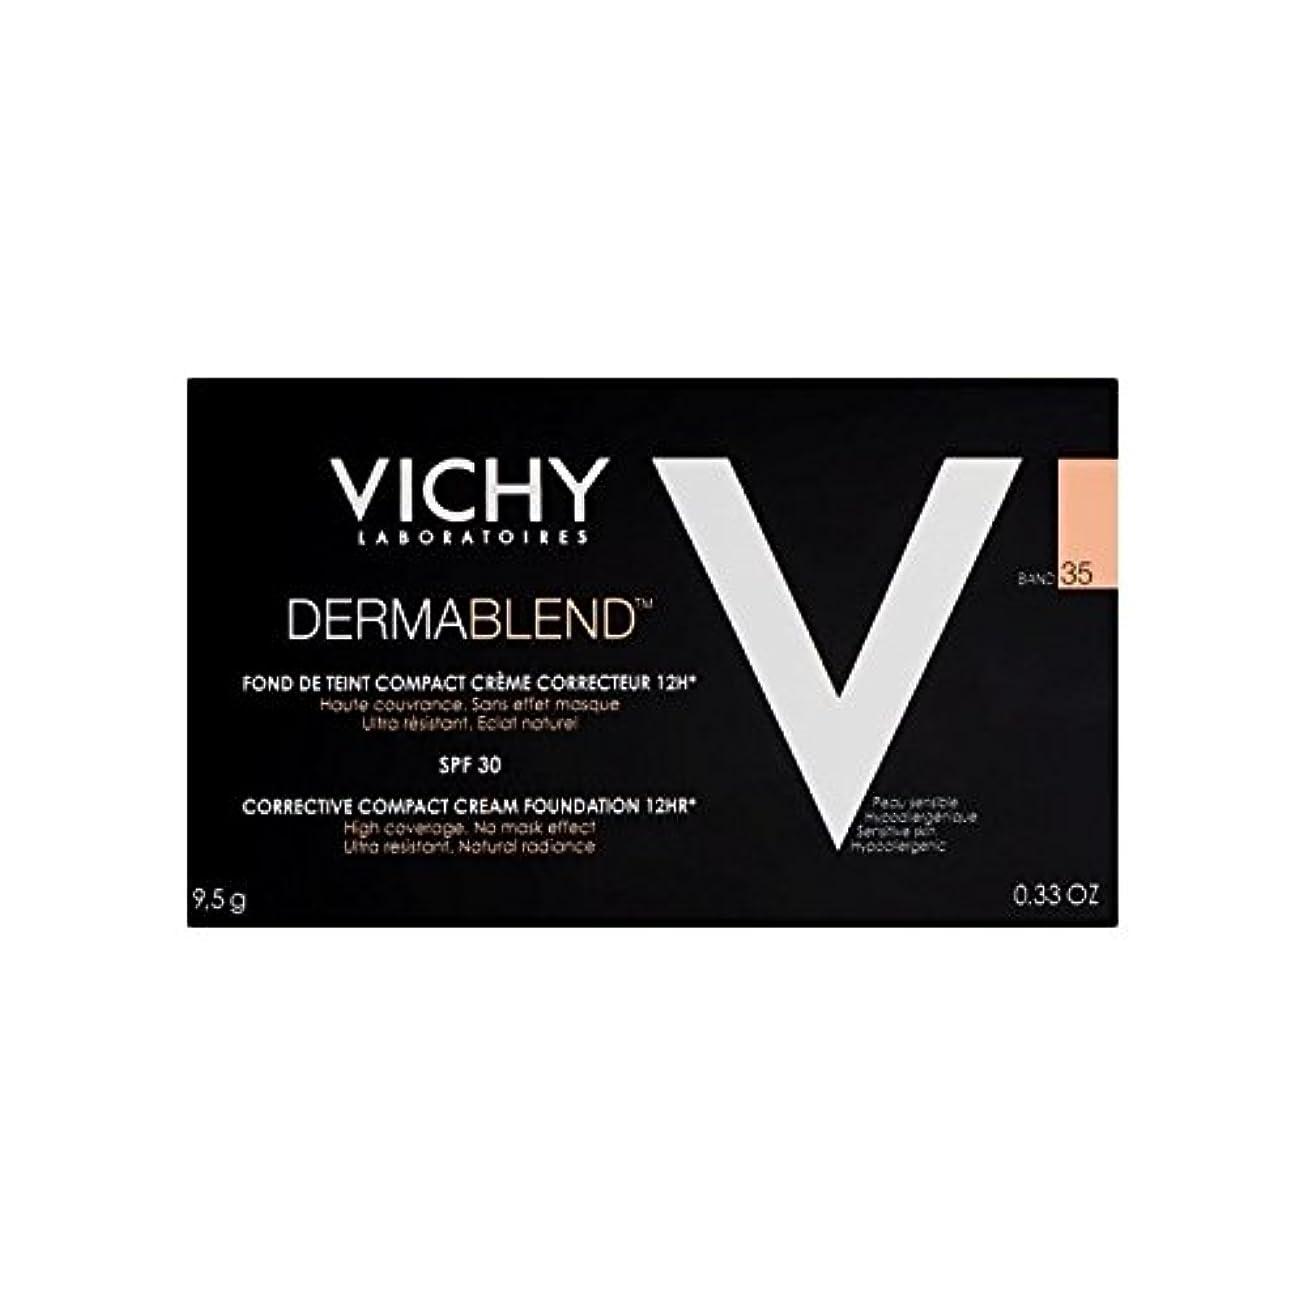 激しい金銭的つぶやきVichy Dermablend Corrective Compact Cream Foundation Sand 35 - ヴィシー是正コンパクトクリームファンデーション砂35 [並行輸入品]